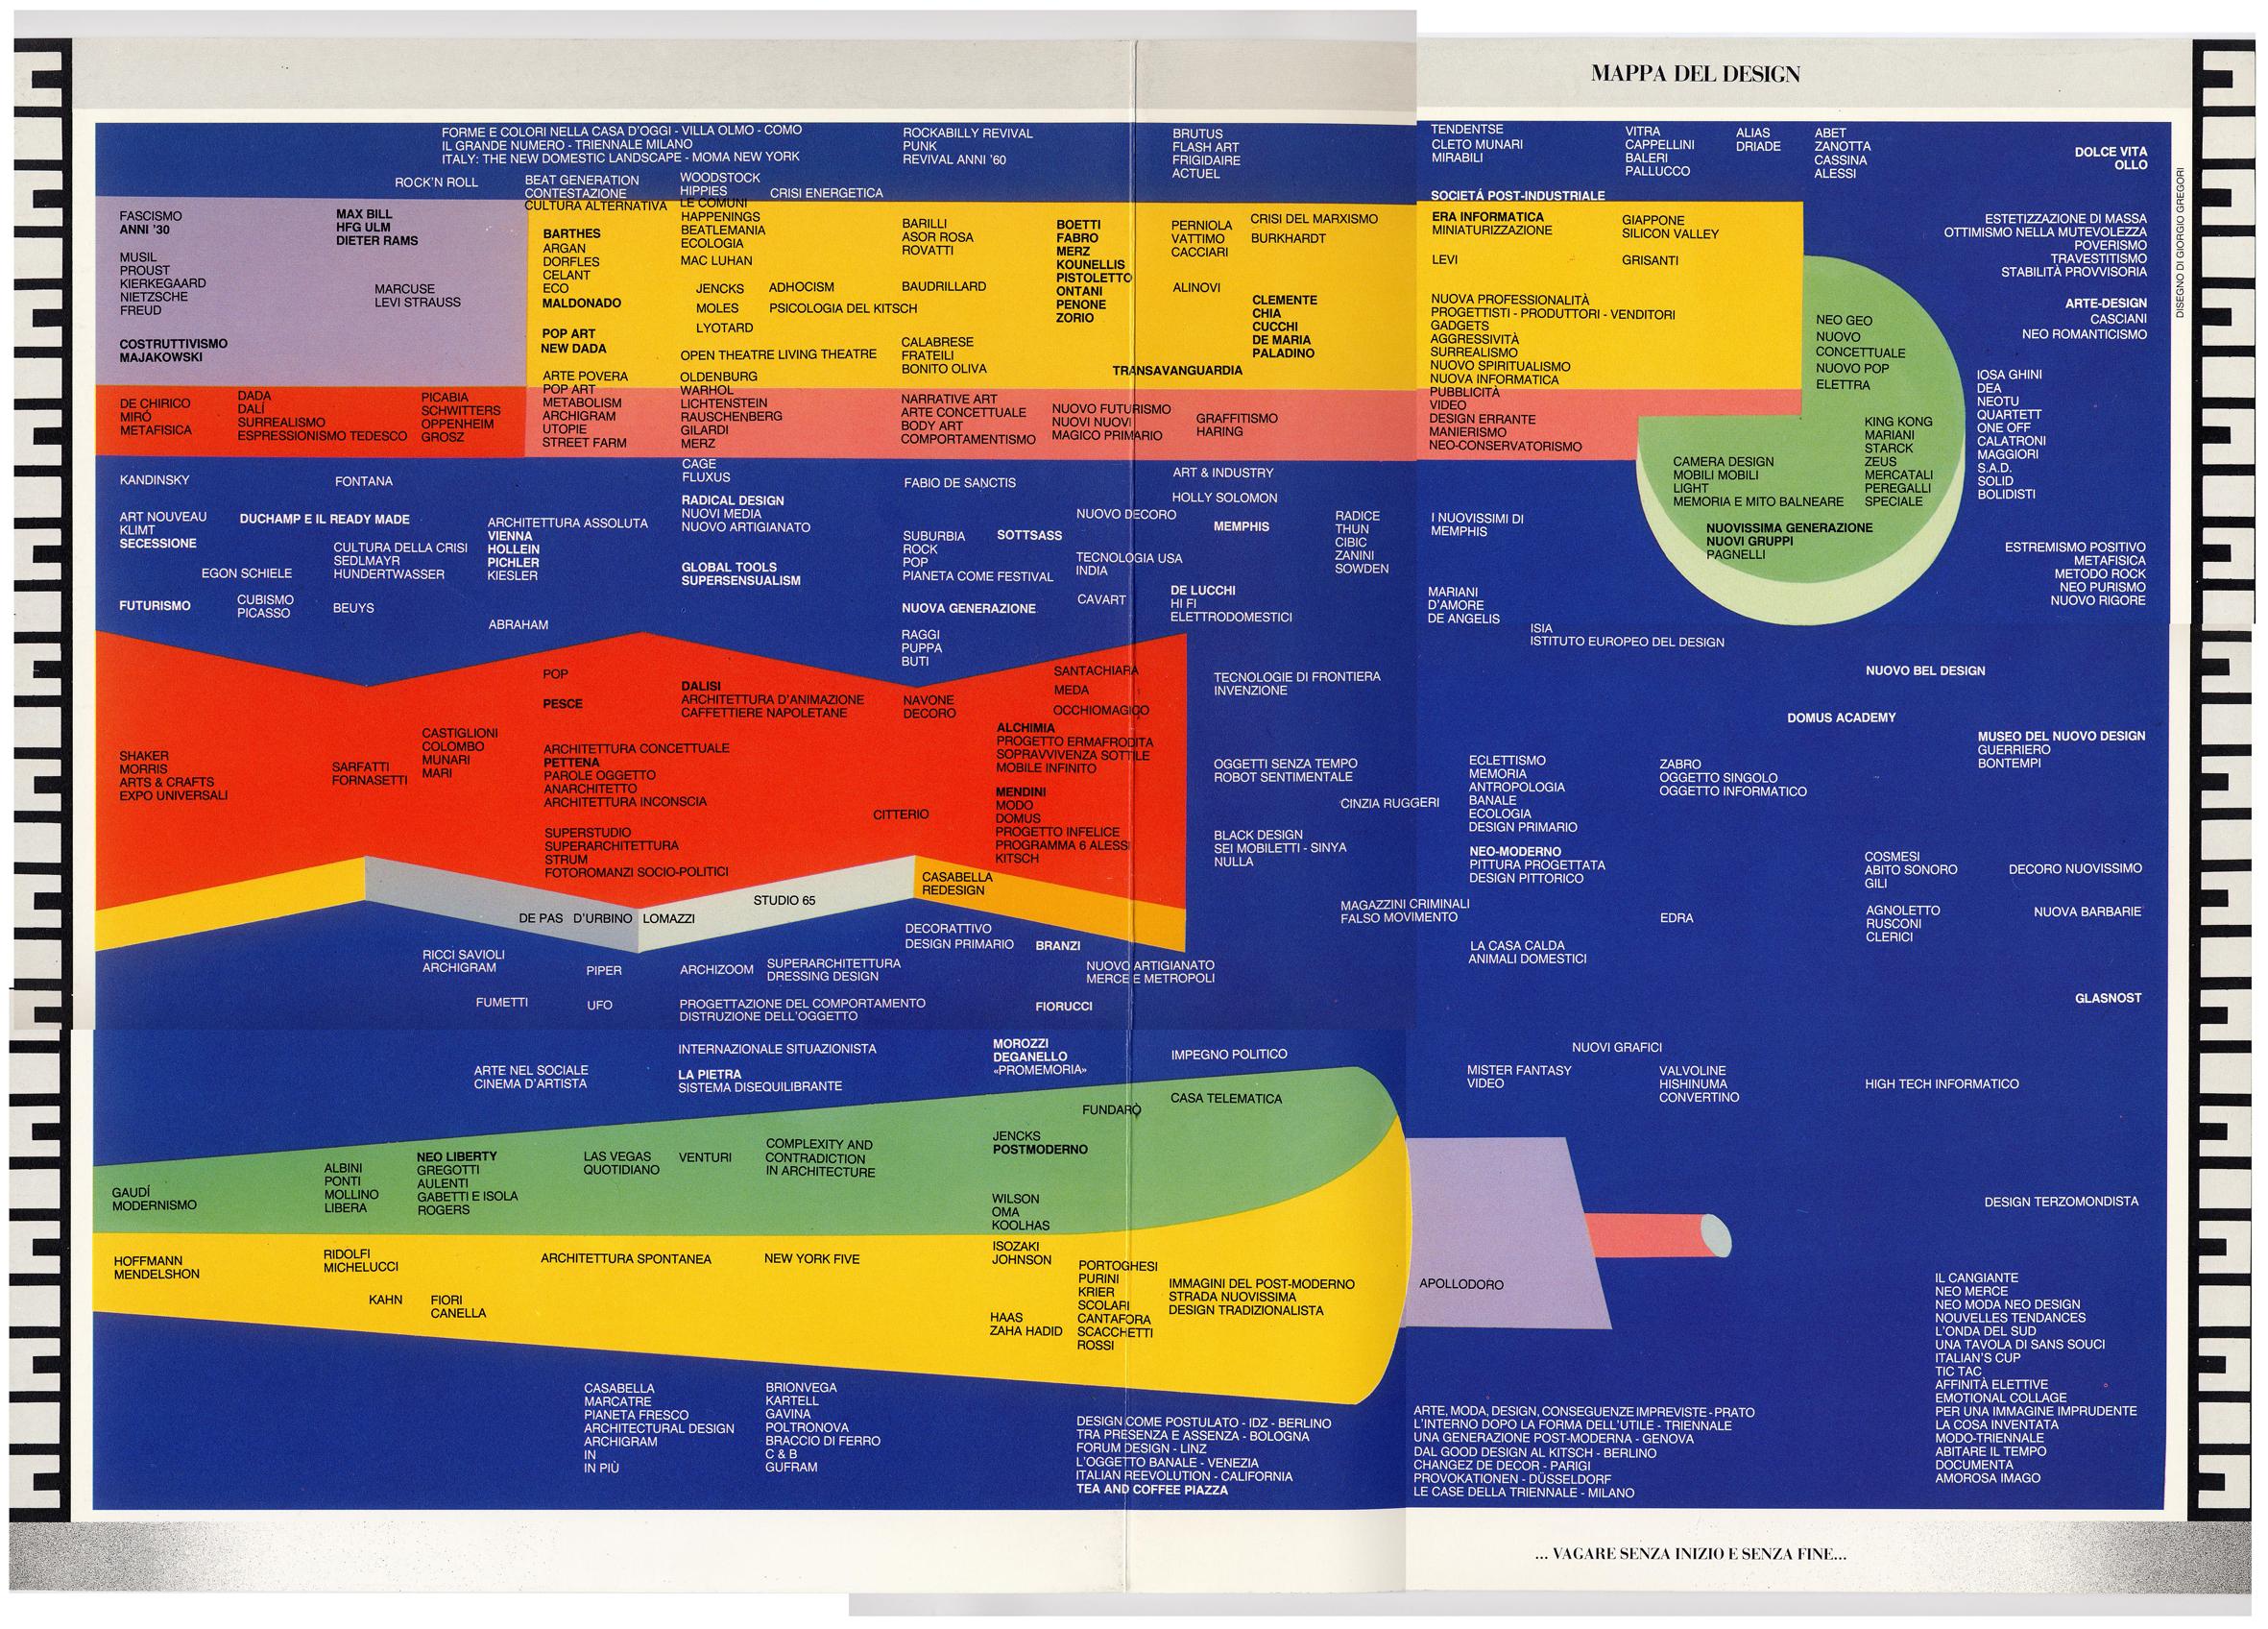 Fig. 10 - Mappa del design, disegno di Giorgio Gregori, tratta da ollo. Rivista senza messaggio diretta da Alessandro Mendini, 1, 1988. Il nome di Fundarò è presente in basso al centro.